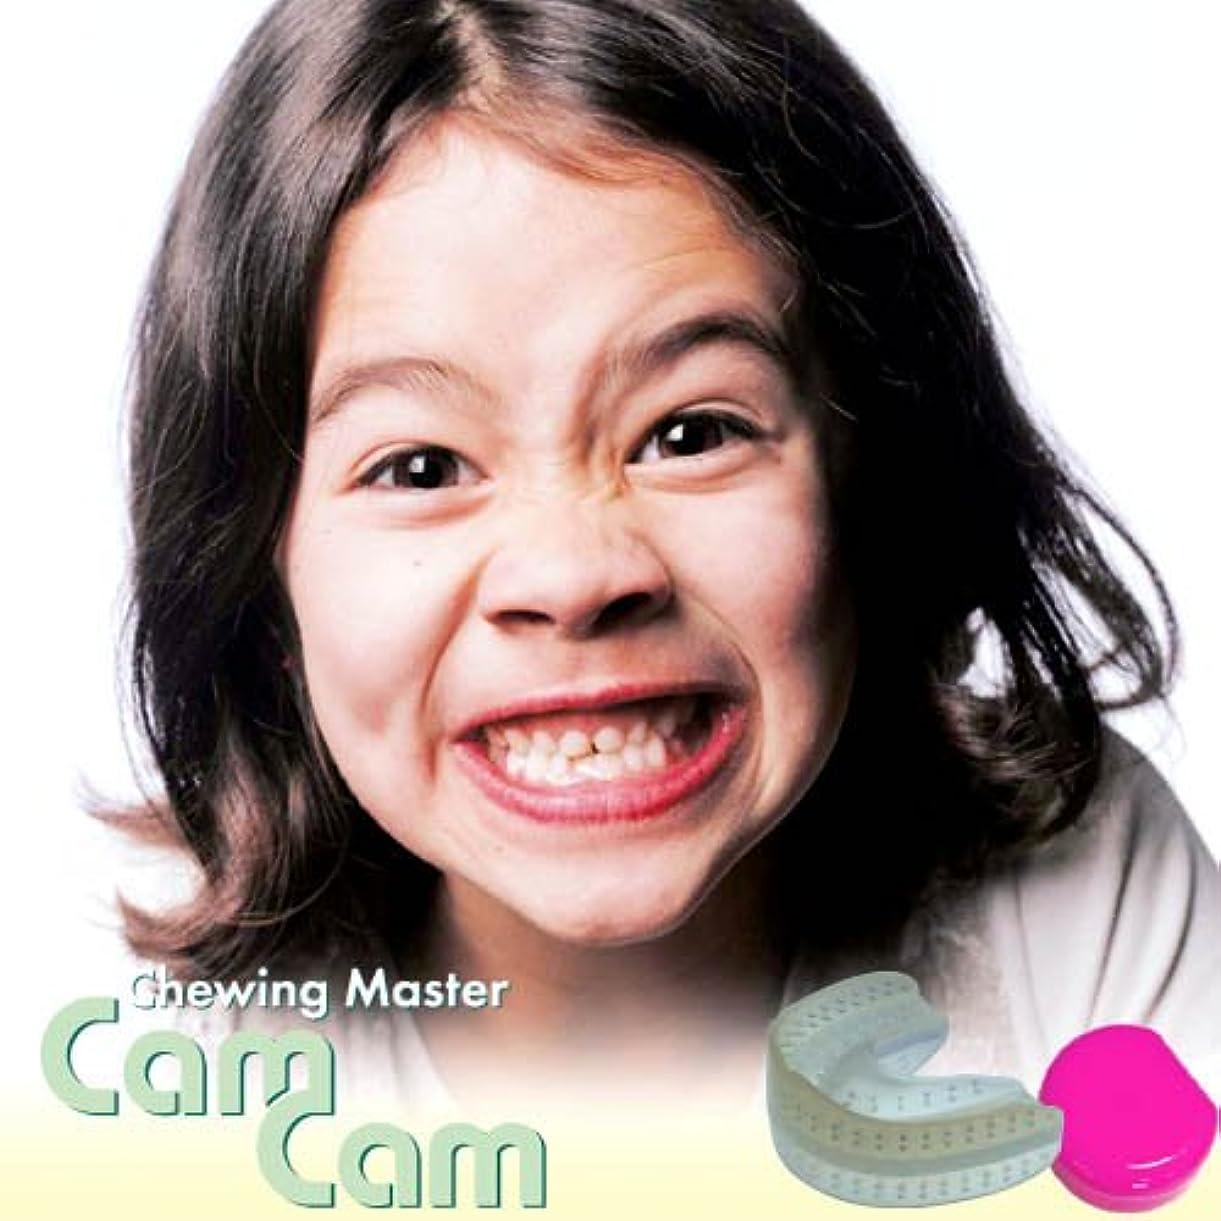 シェトランド諸島速報退屈な歯科医師開発 口腔筋機能トレーニング マウスピース 【CamCam MD (ピンク)】混合歯列期から永久歯列期用